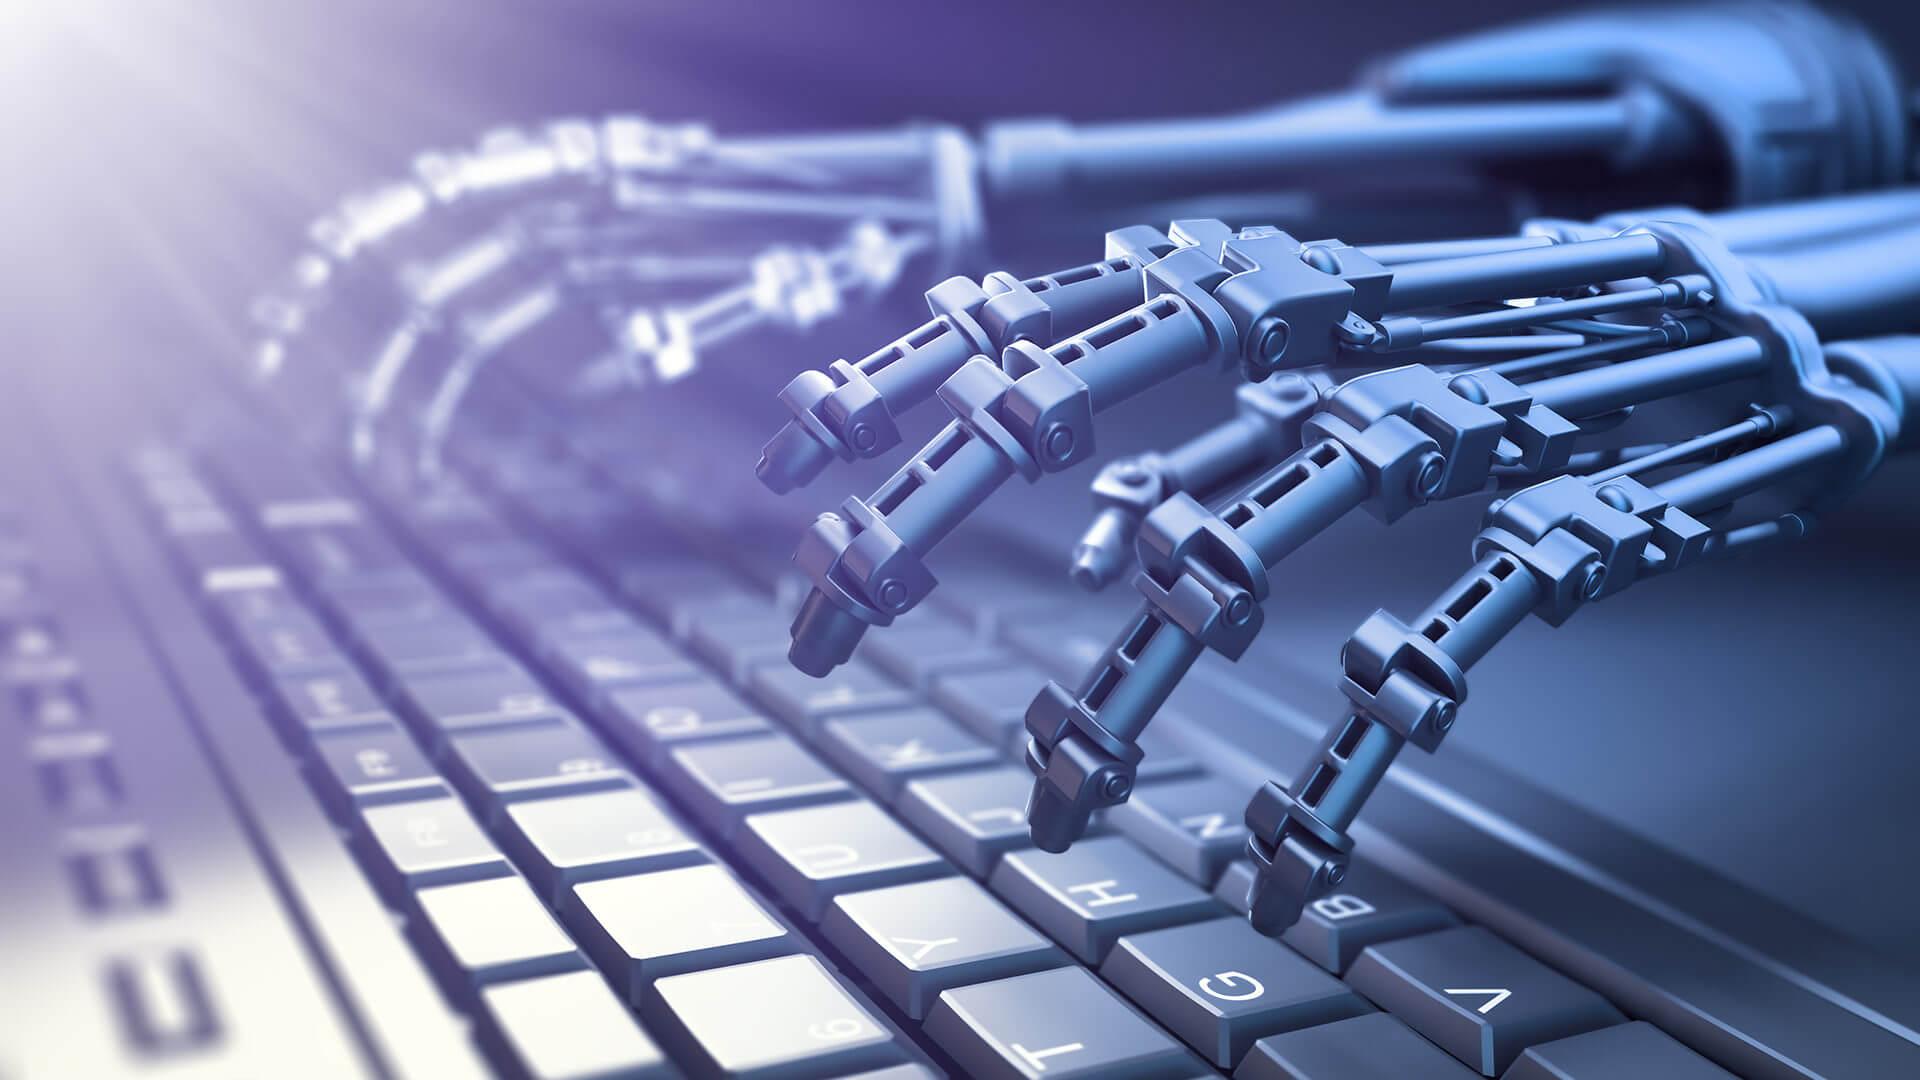 Zapier програмыг ашиглаж пост оруулах үйлдлийг хэрхэн автоматжуулах вэ?